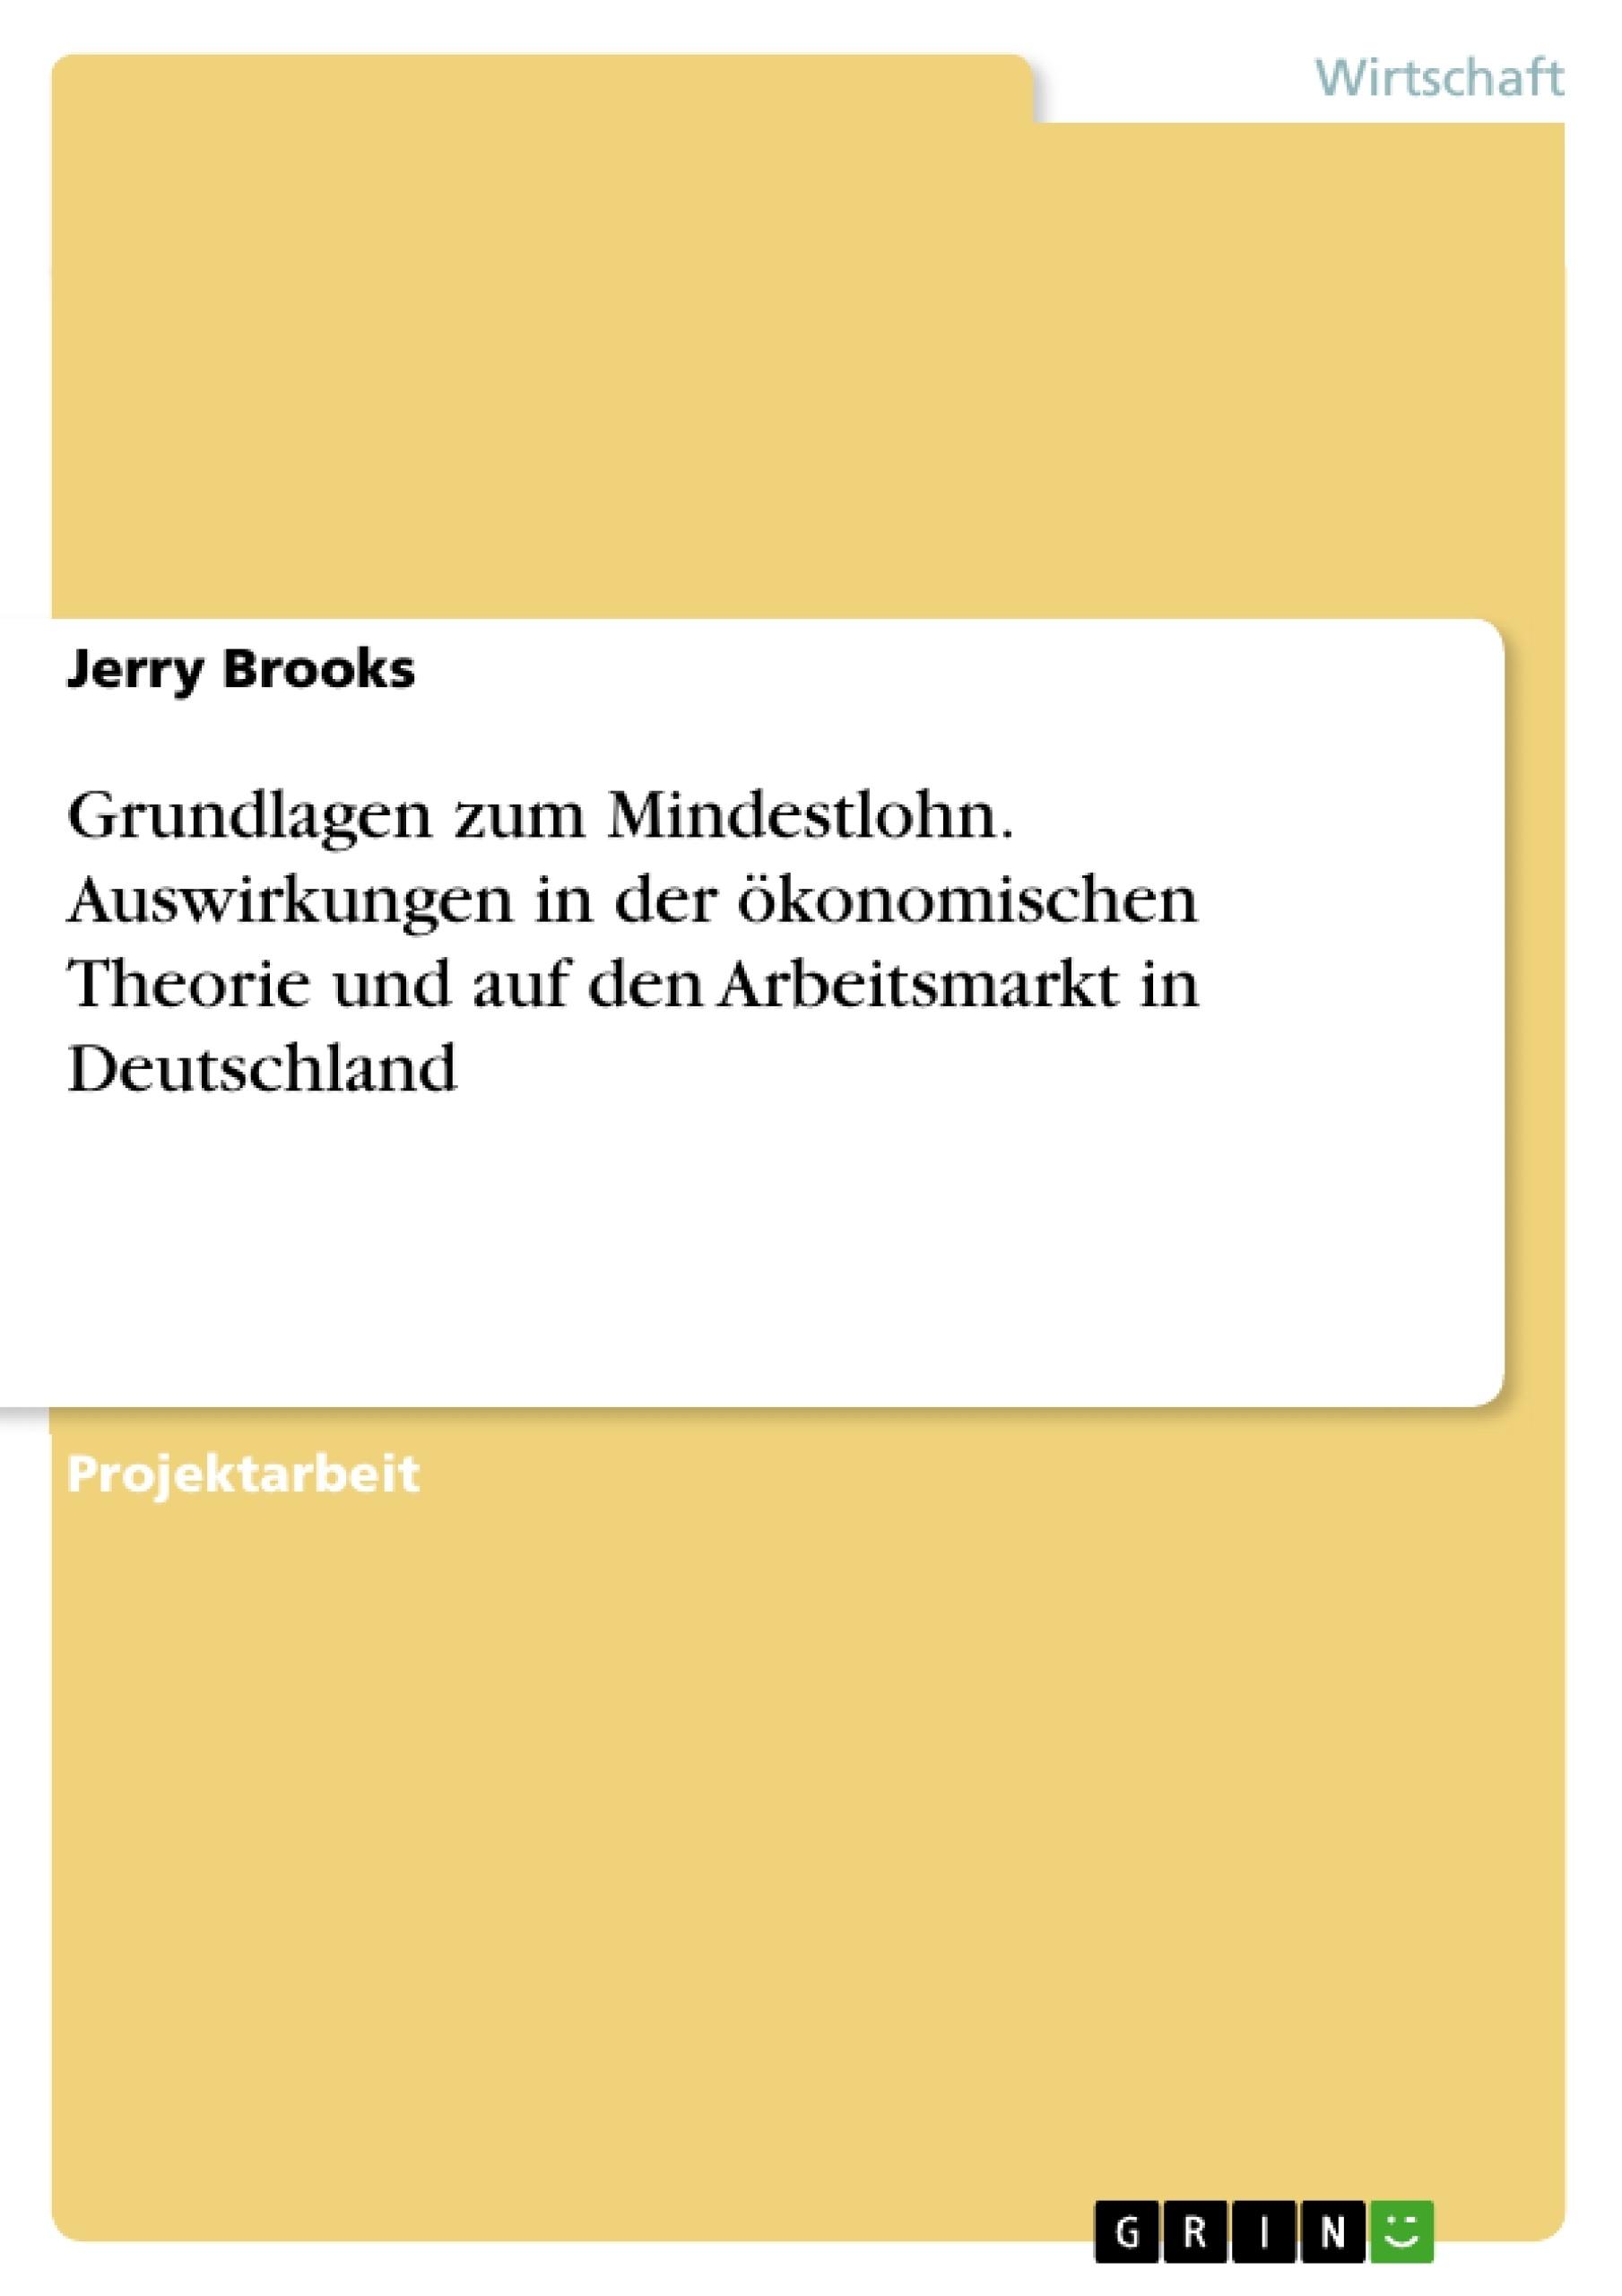 Titel: Grundlagen zum Mindestlohn. Auswirkungen in der ökonomischen Theorie und auf den Arbeitsmarkt in Deutschland